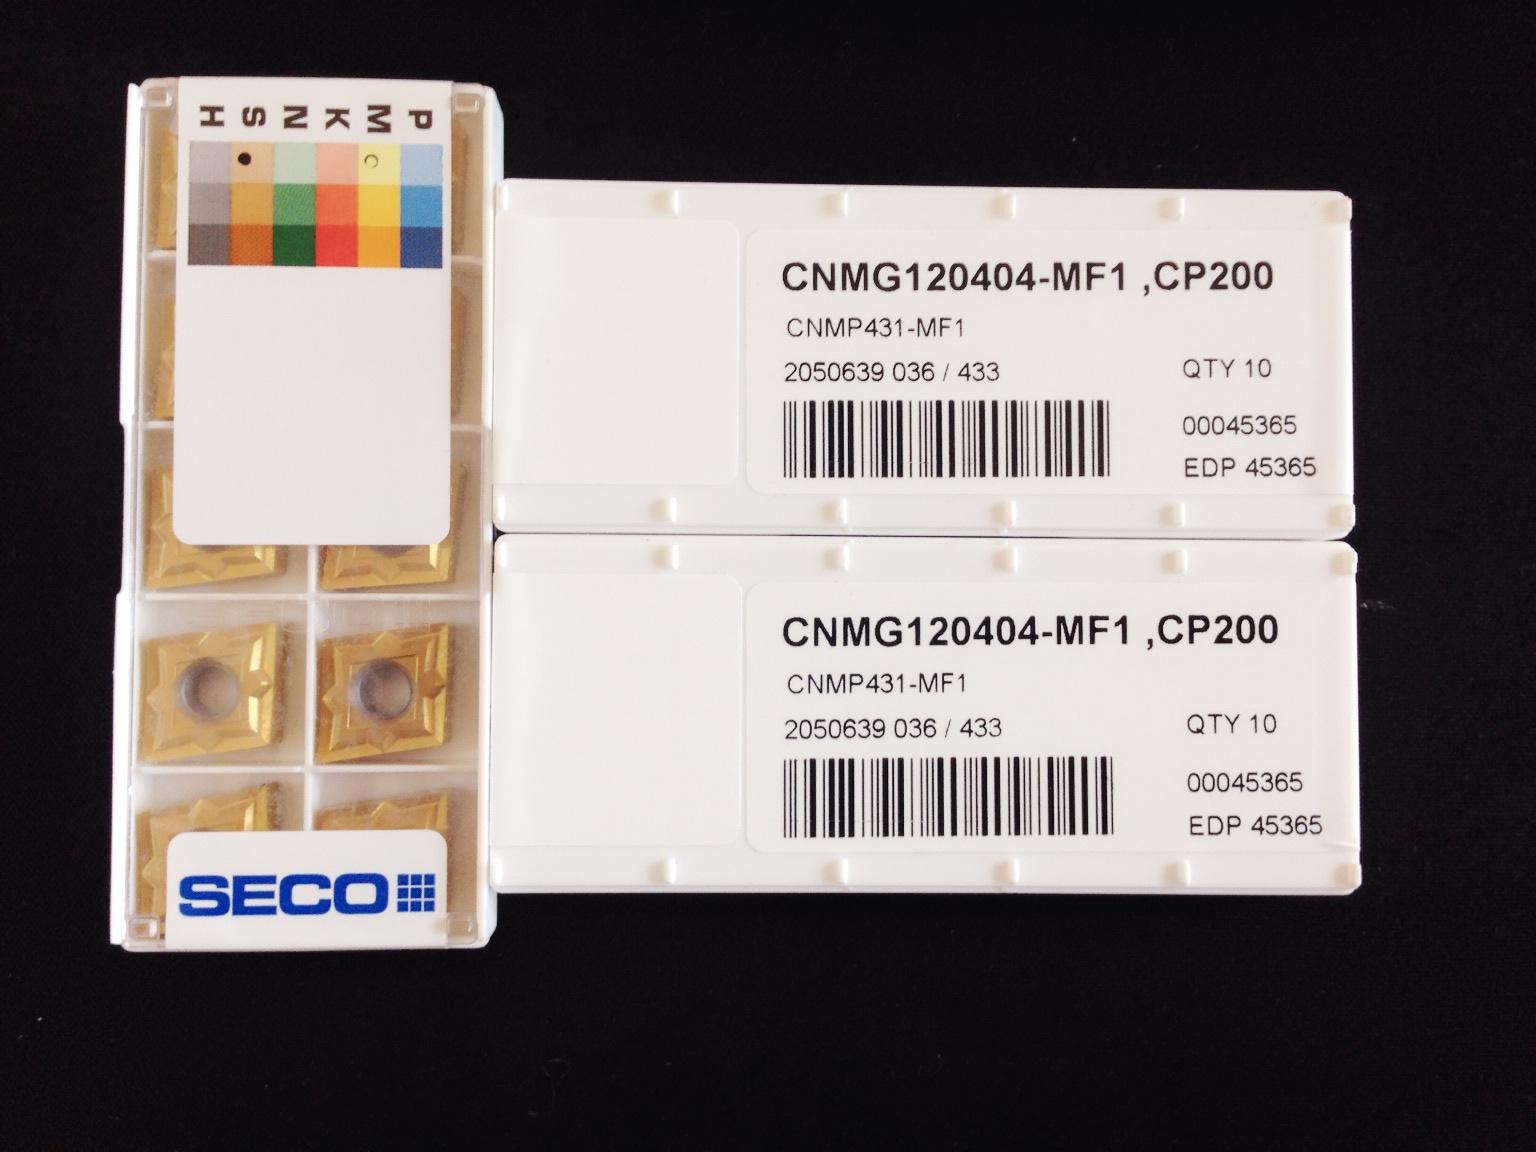 瑞典山高SECO 数控刀片CNMG120404-MF1 CP200